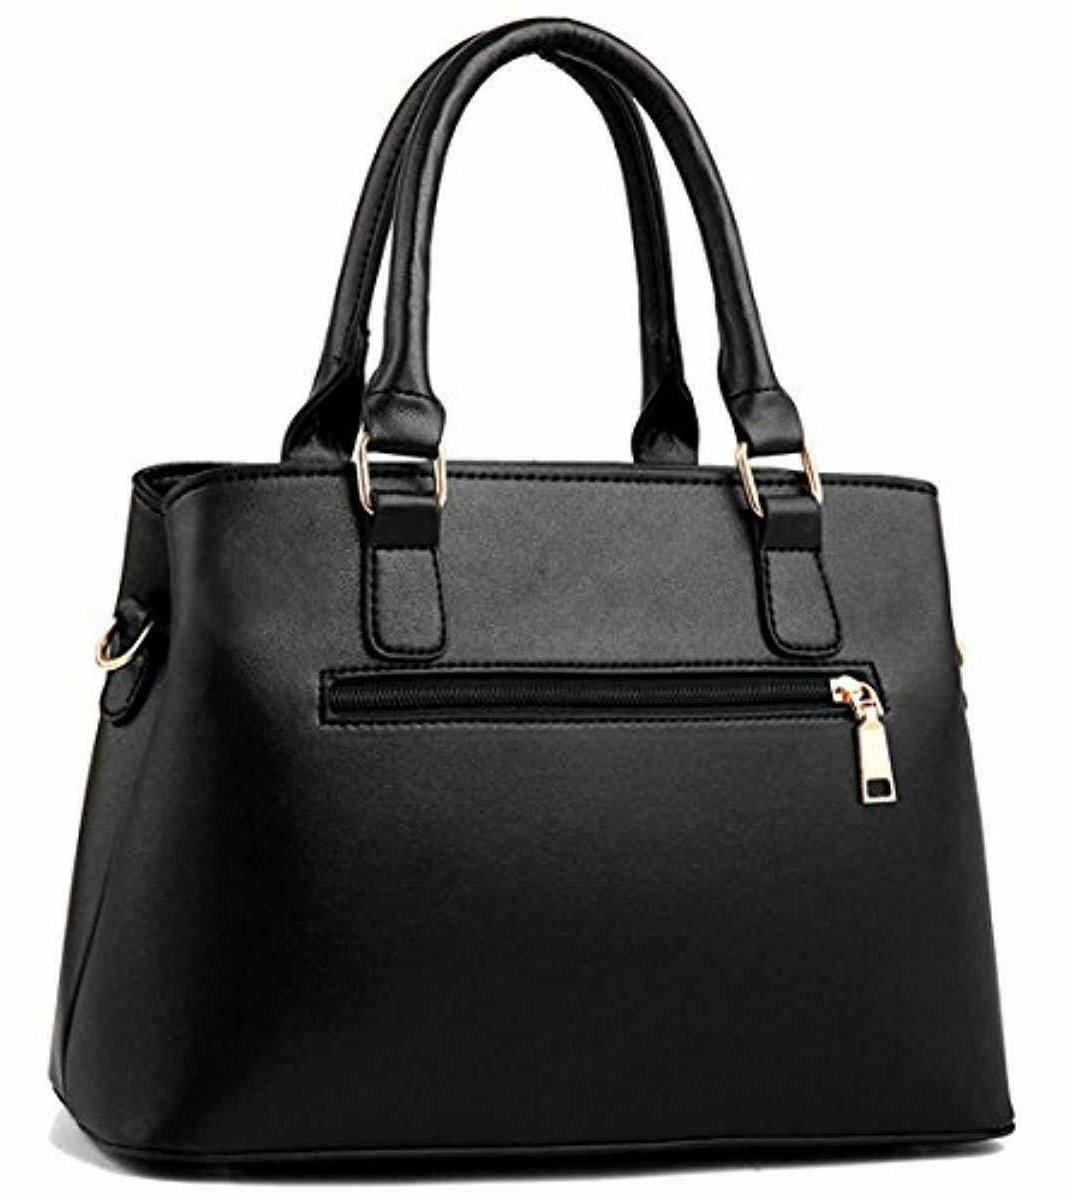 Dreubea Handbag Tote Shoulder Bag Purse